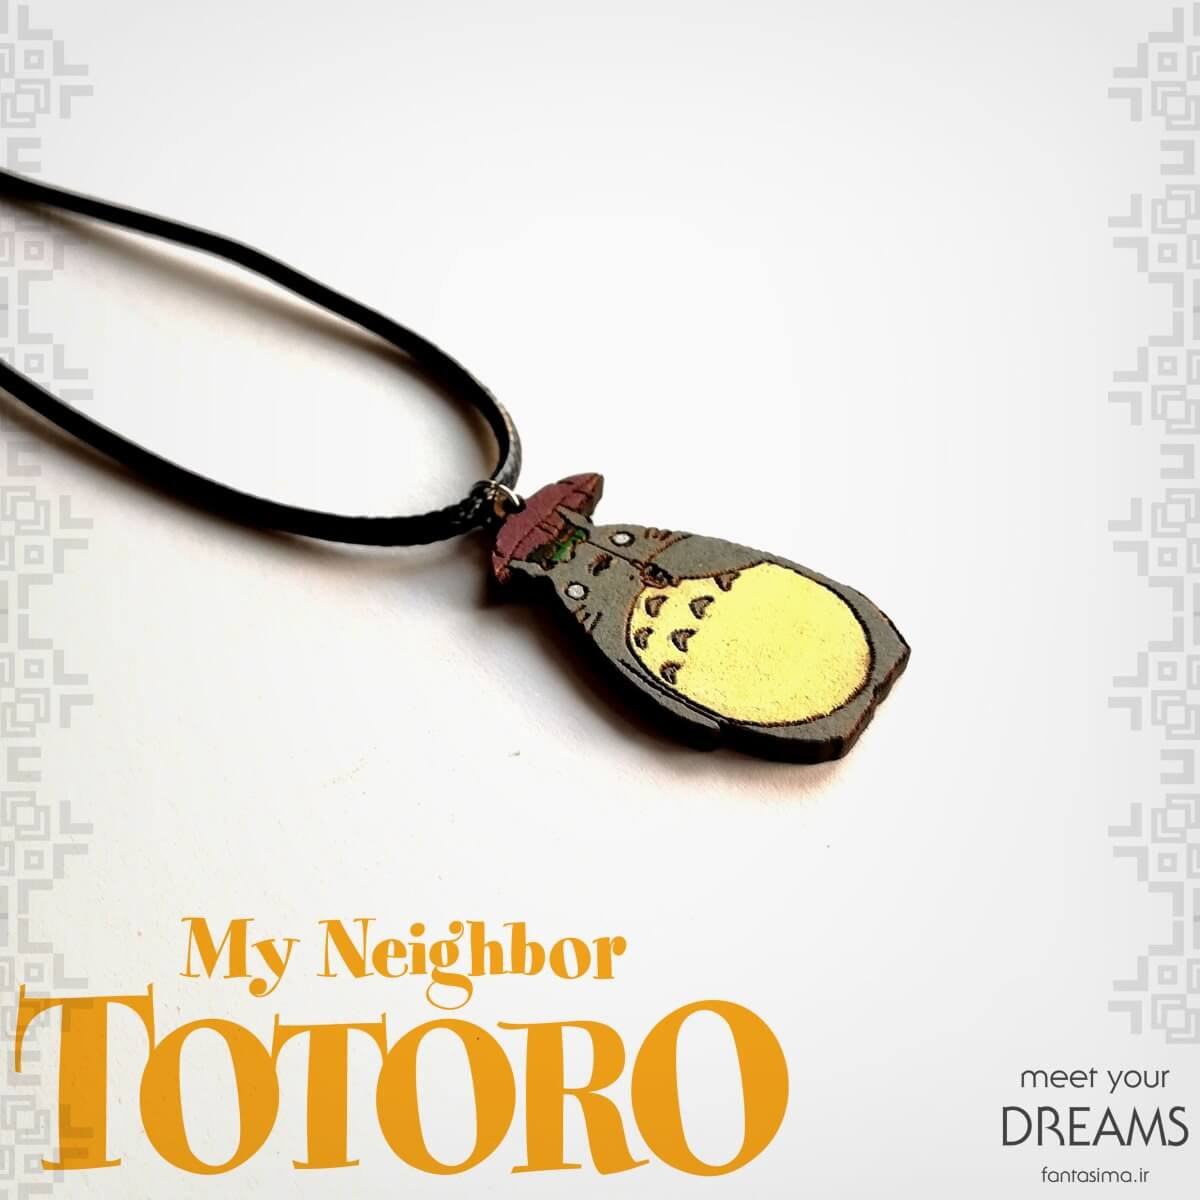 فانتزیآرت گردنبند توتورو